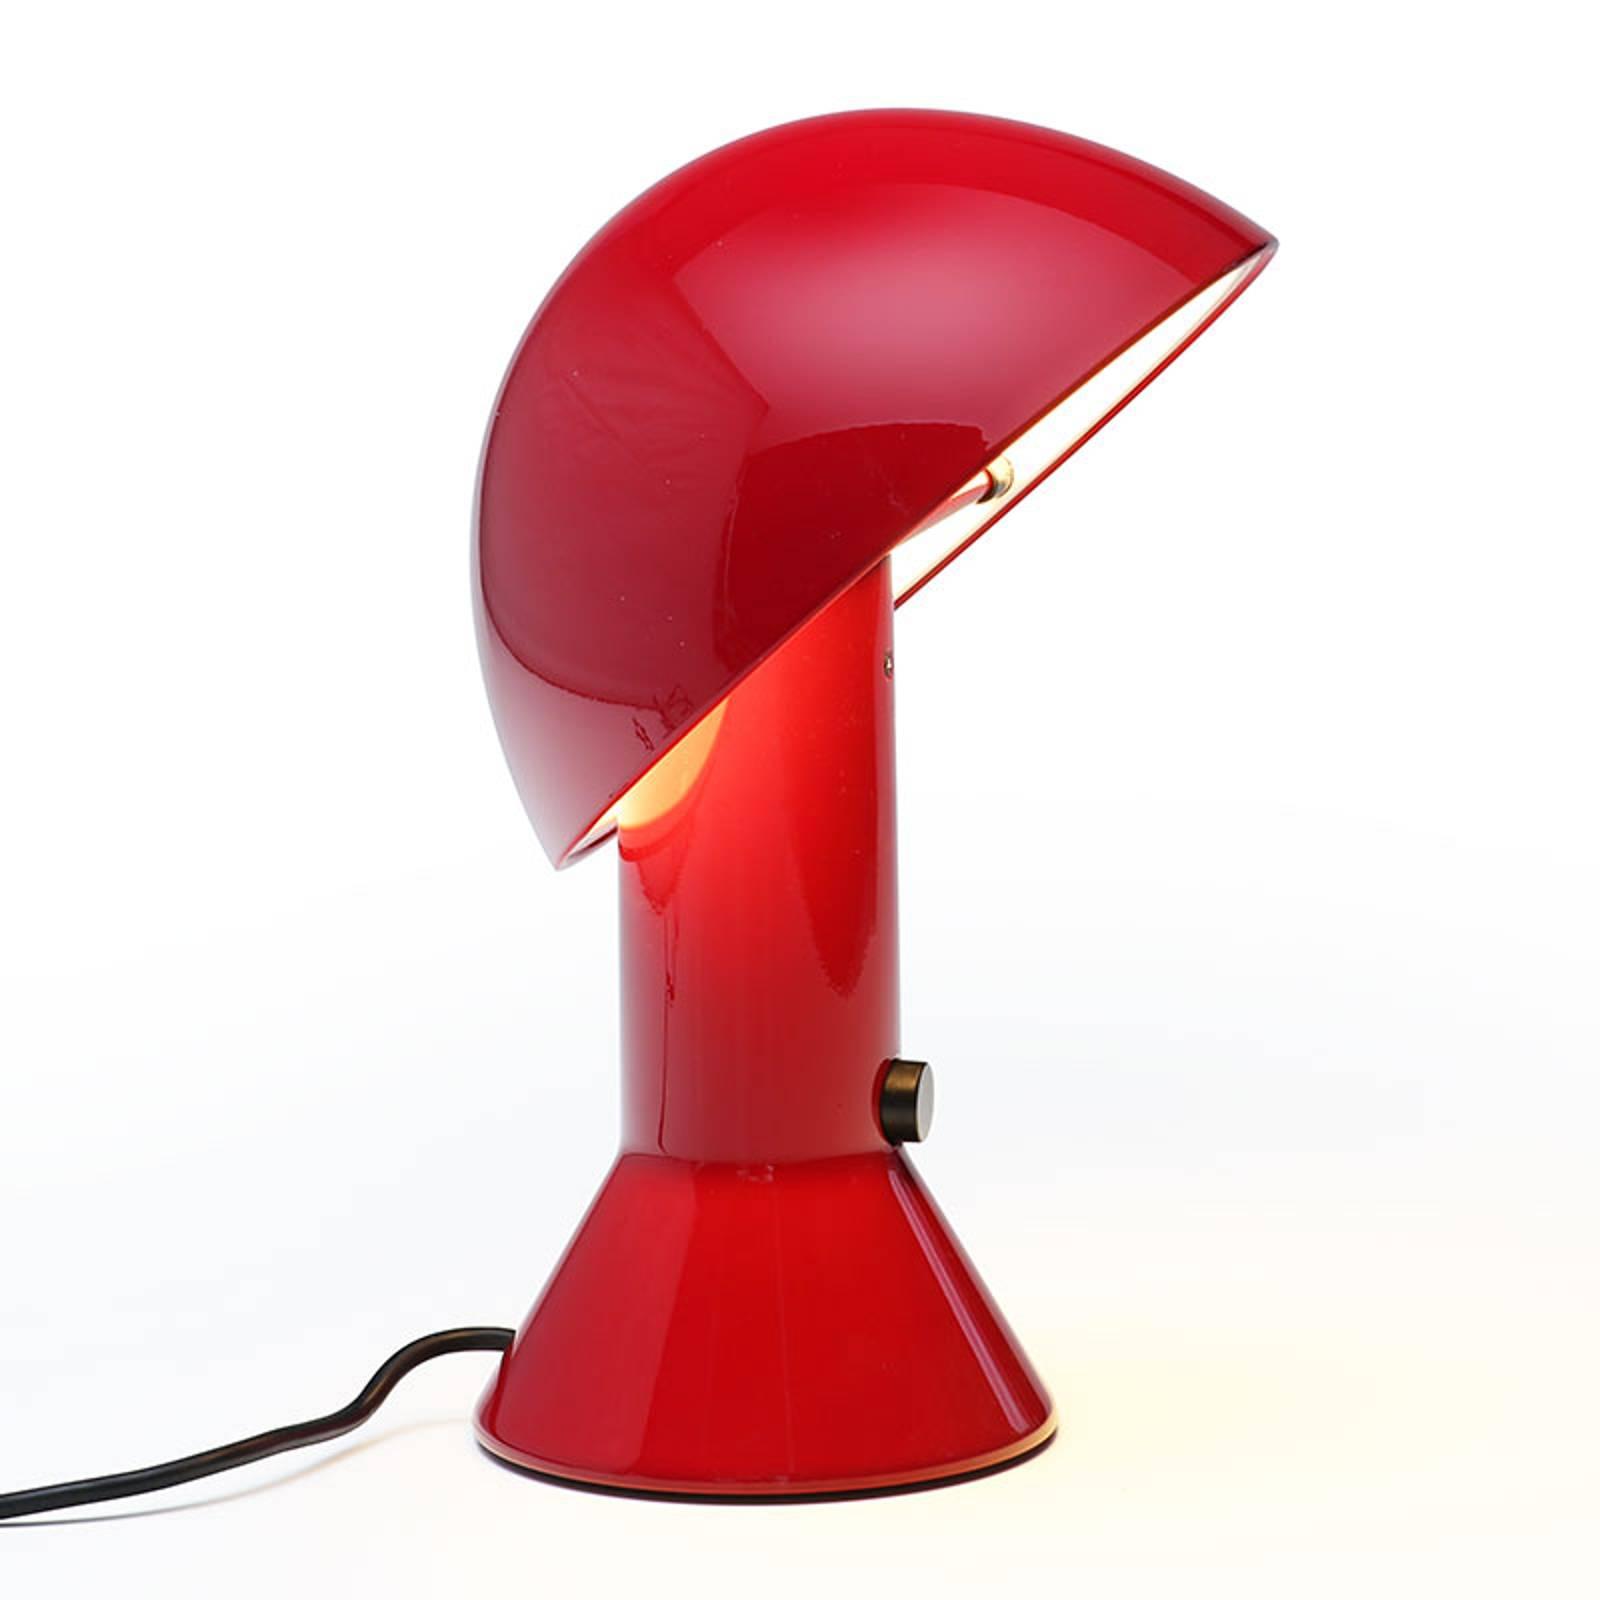 rot nachttischlampen und weitere lampen g nstig online kaufen bei m bel garten. Black Bedroom Furniture Sets. Home Design Ideas